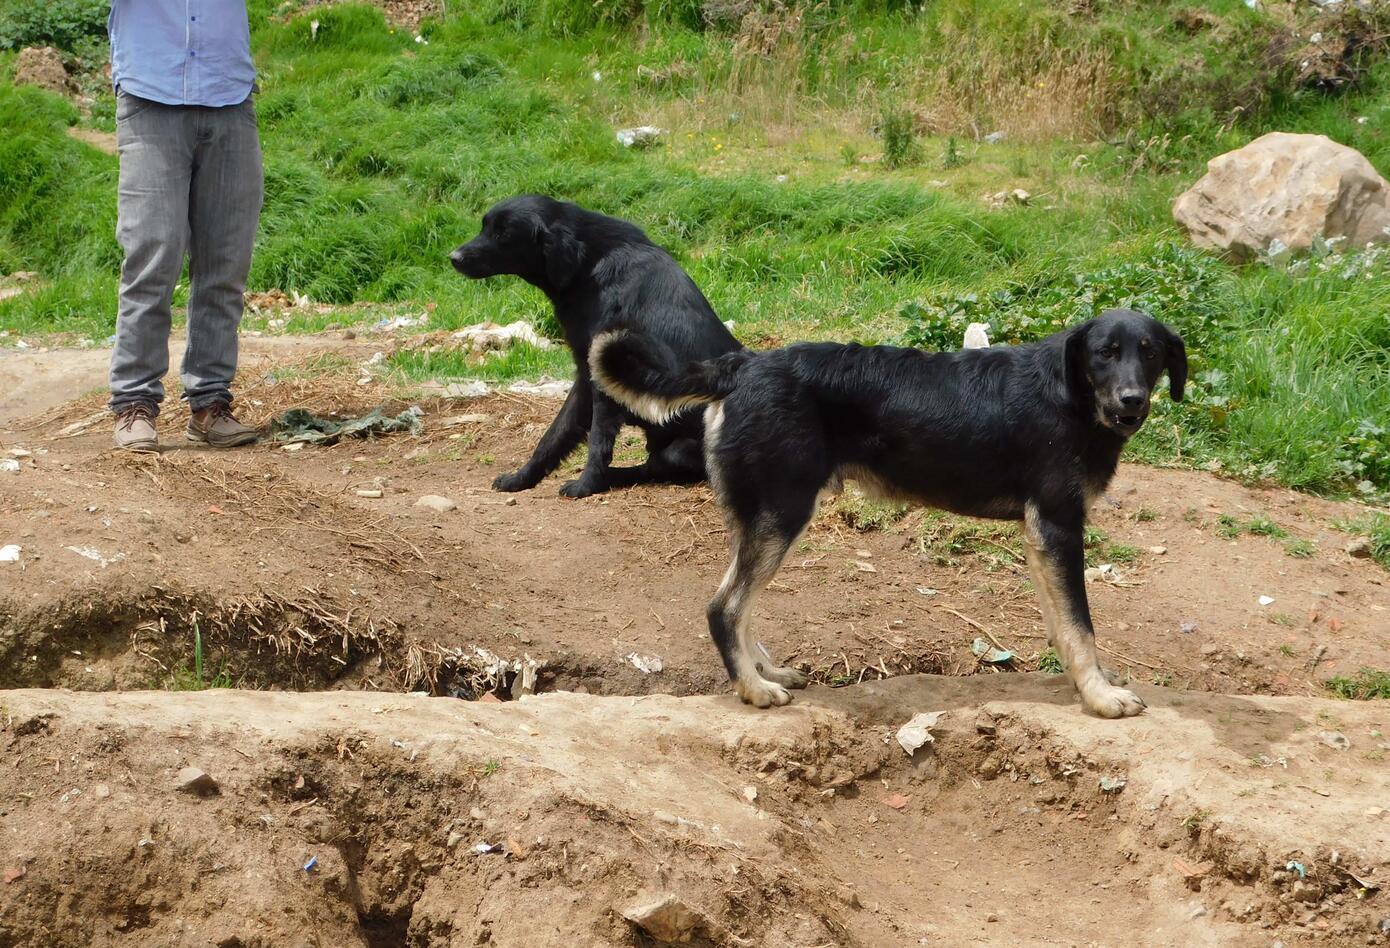 Perros abandonados en Ciudad Bolívar/Bogotá.